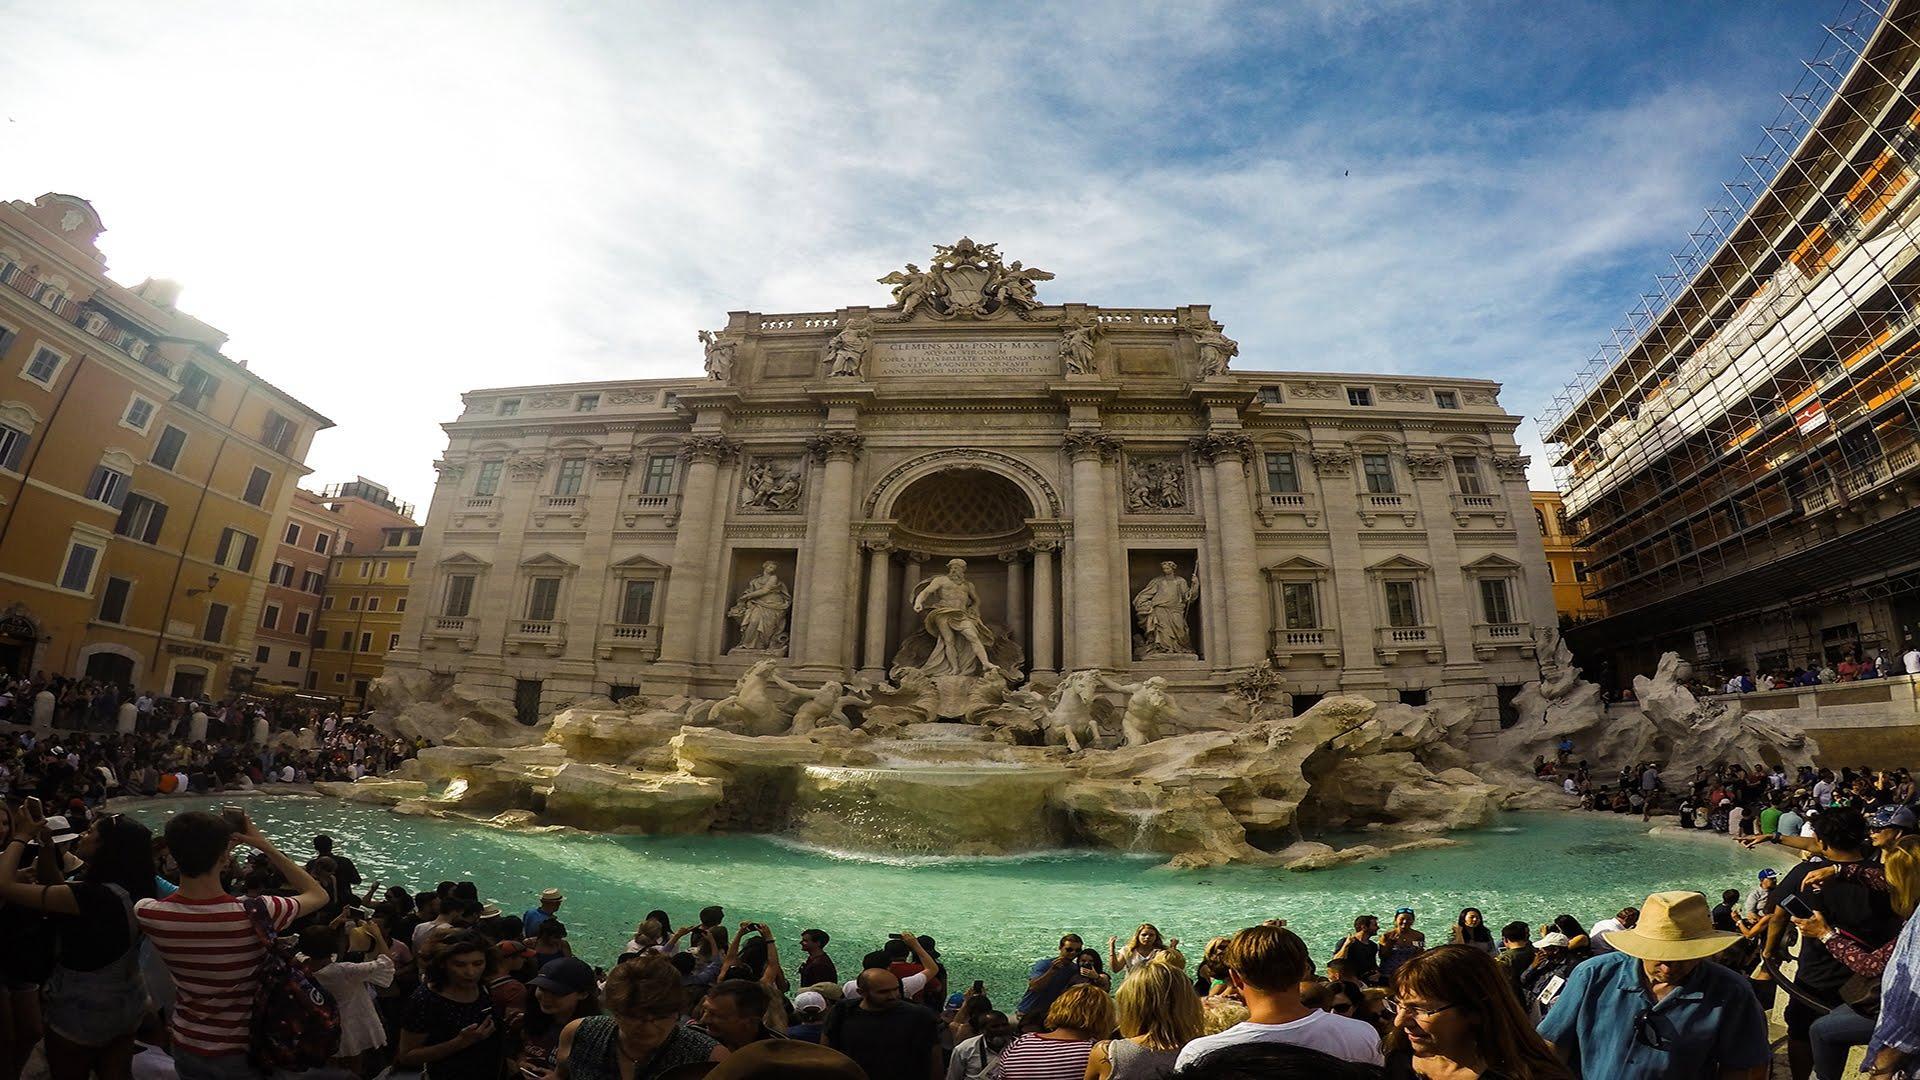 Roma quiere quedarse con el dinero arrojado a la Fontana di Trevi